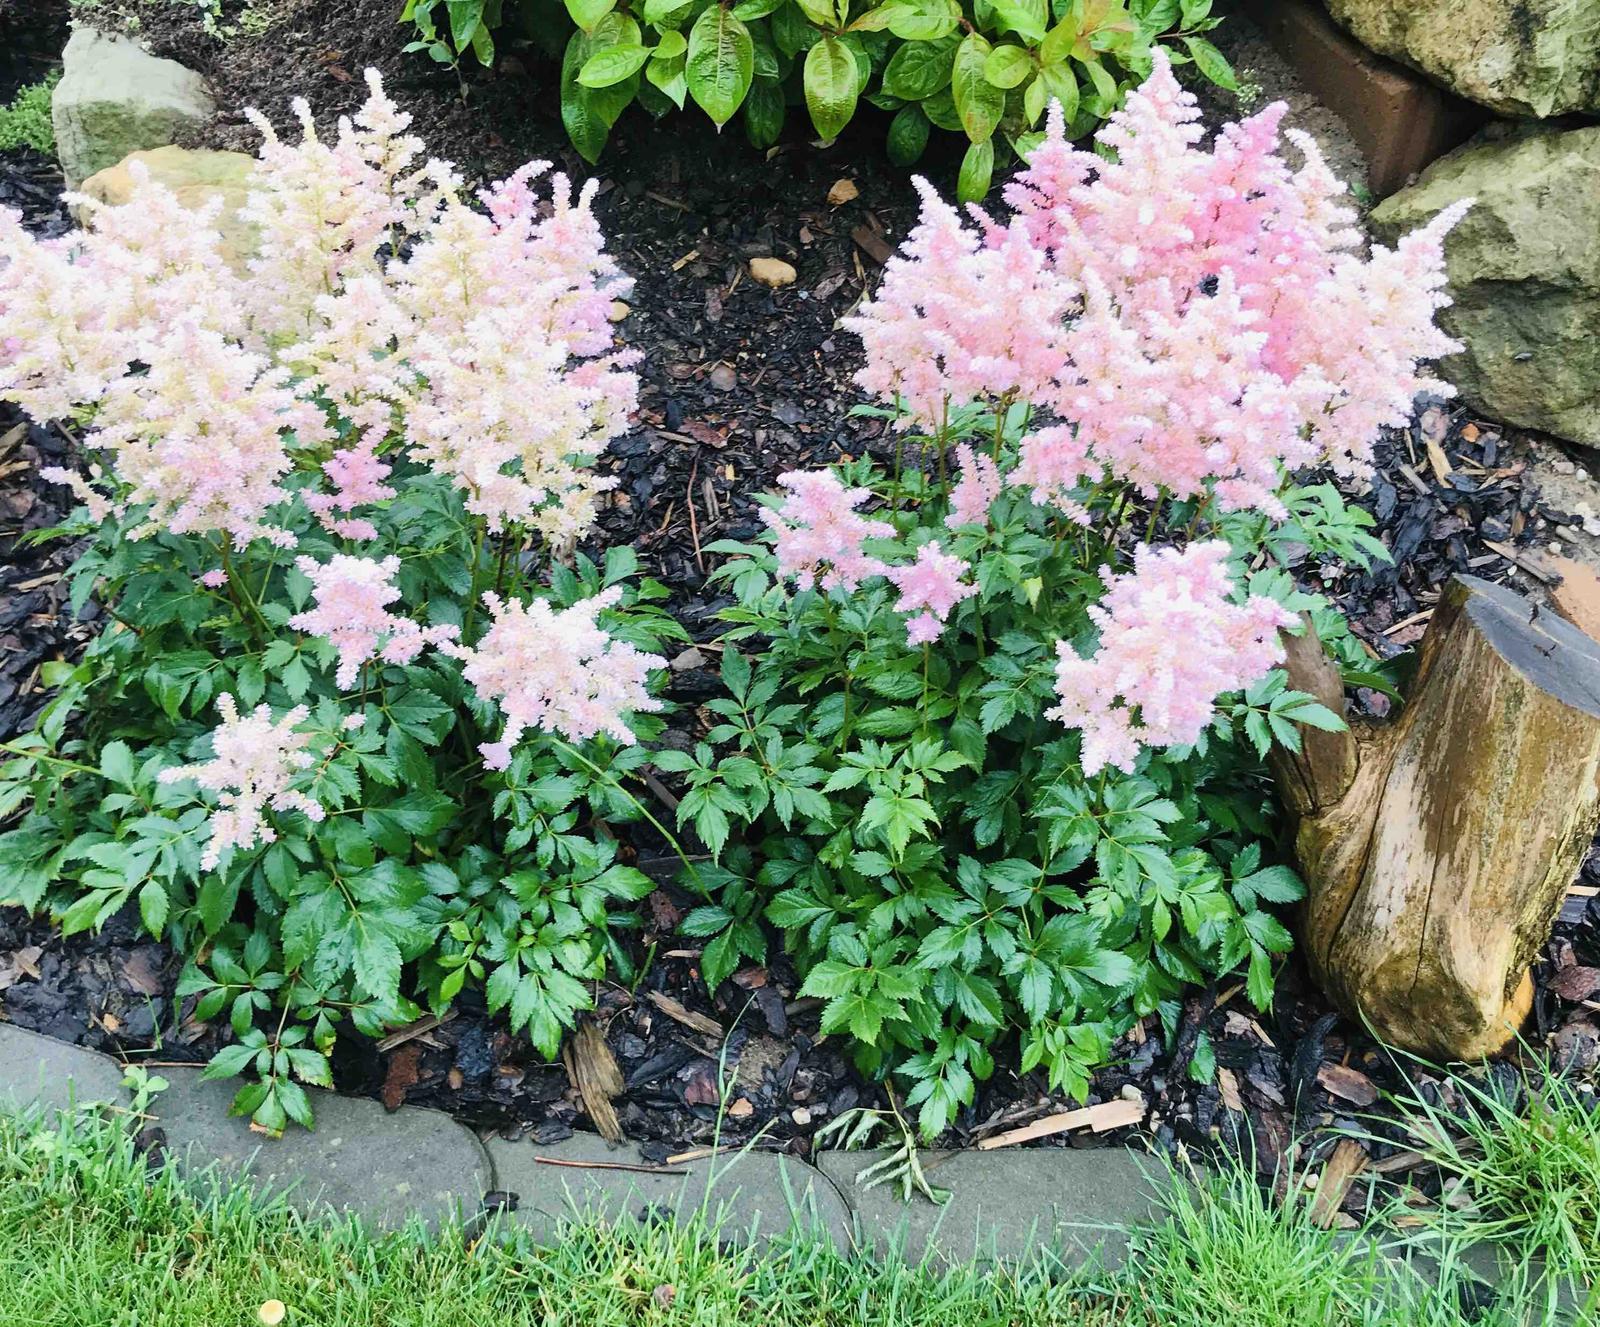 Naše barevná zahrada 🌸 rok 2020 - A tato jemně růžová čechrava je nádherná 🌸